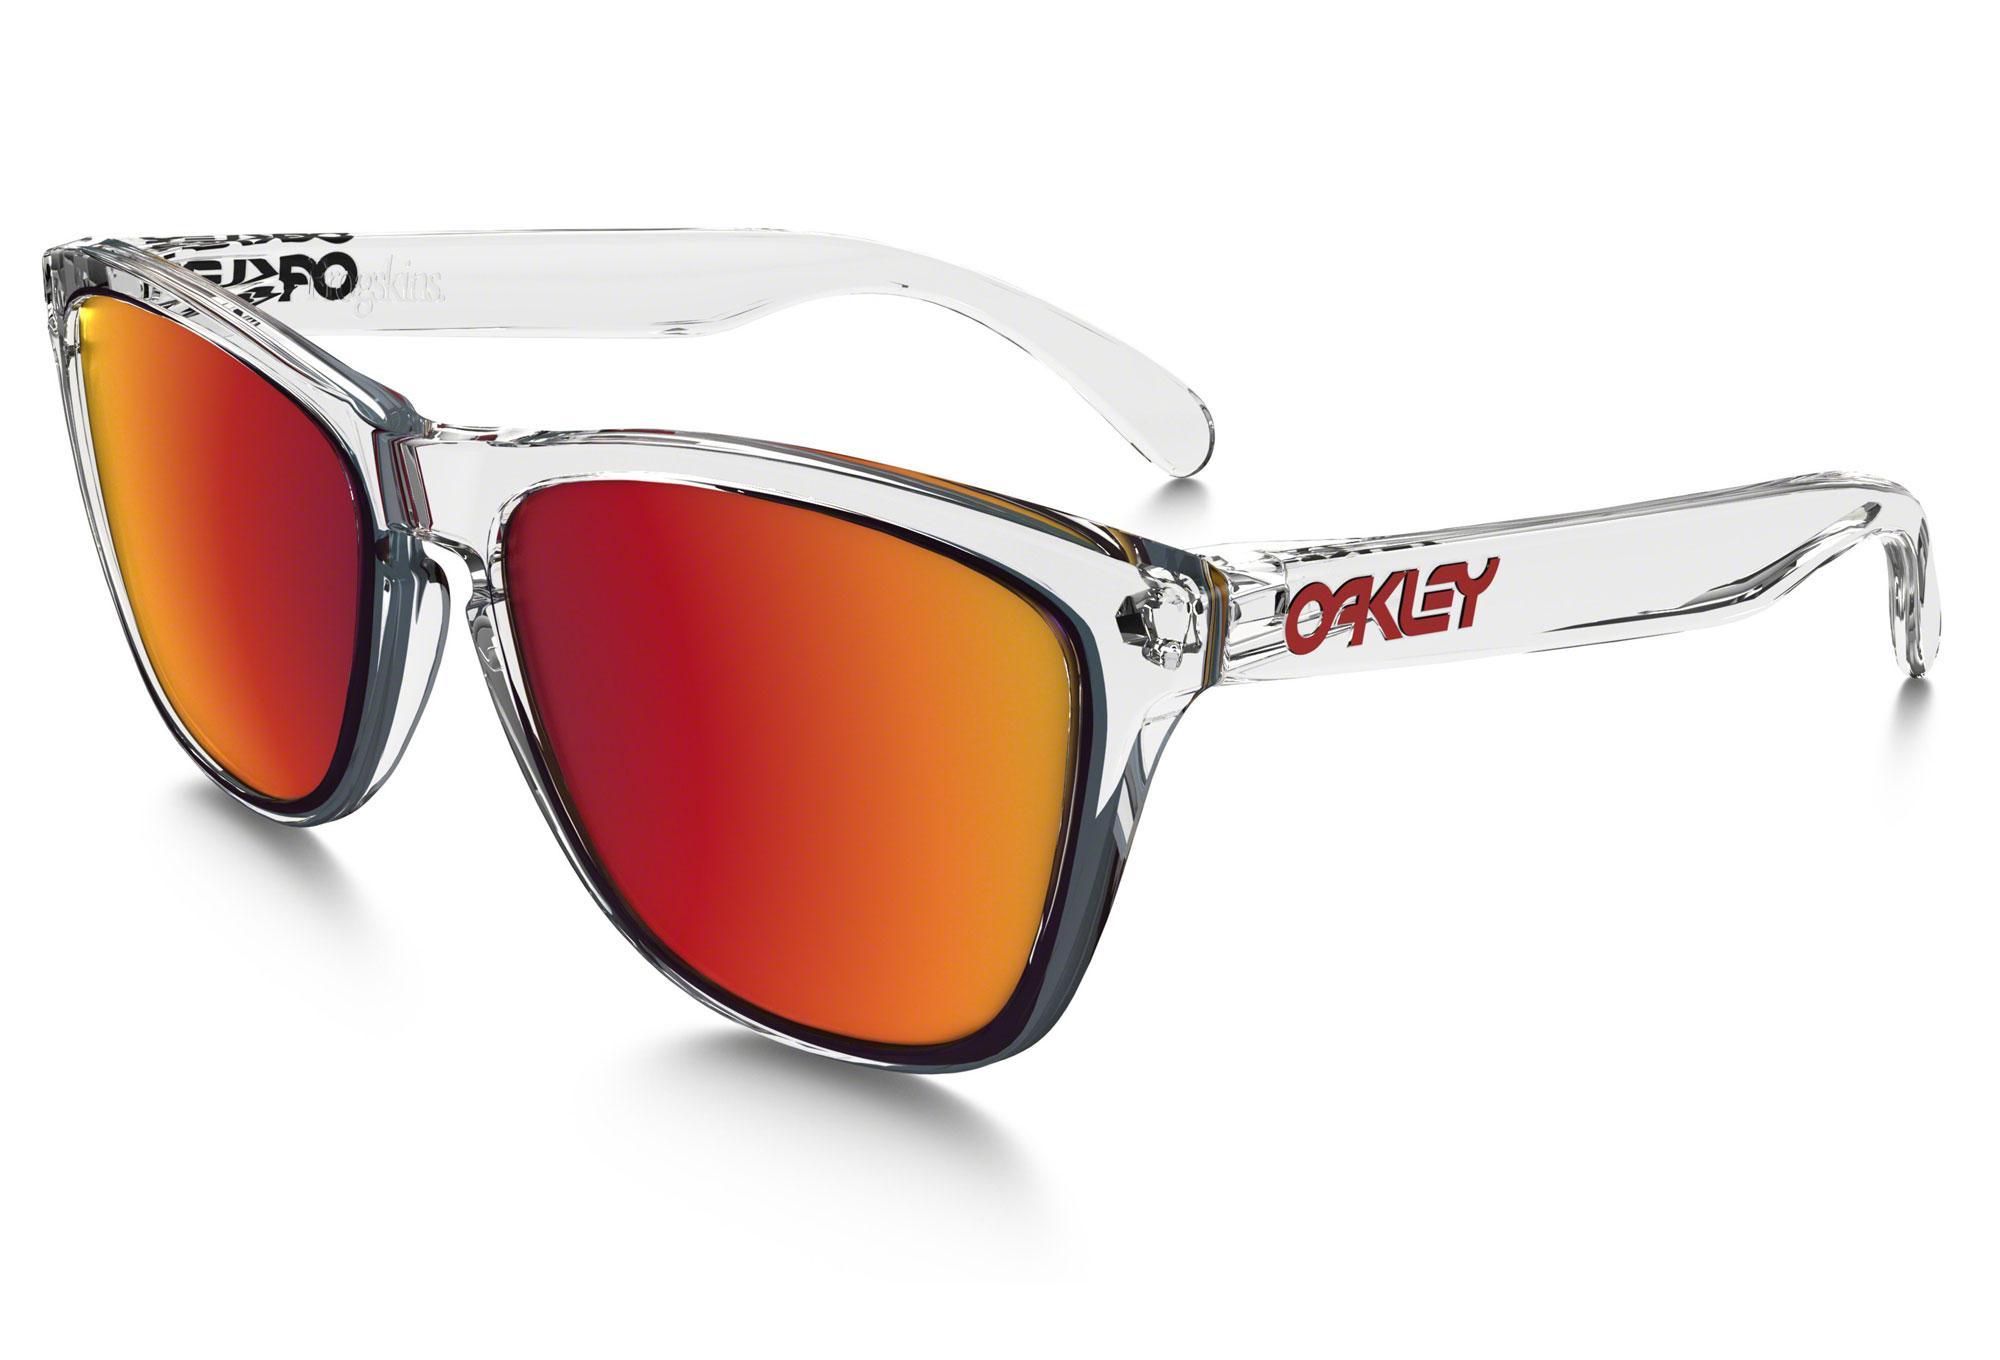 A5 Lunettes Iridium Frogskins Oakley Miroir Oo9013 Red Clear F3KclJ1T